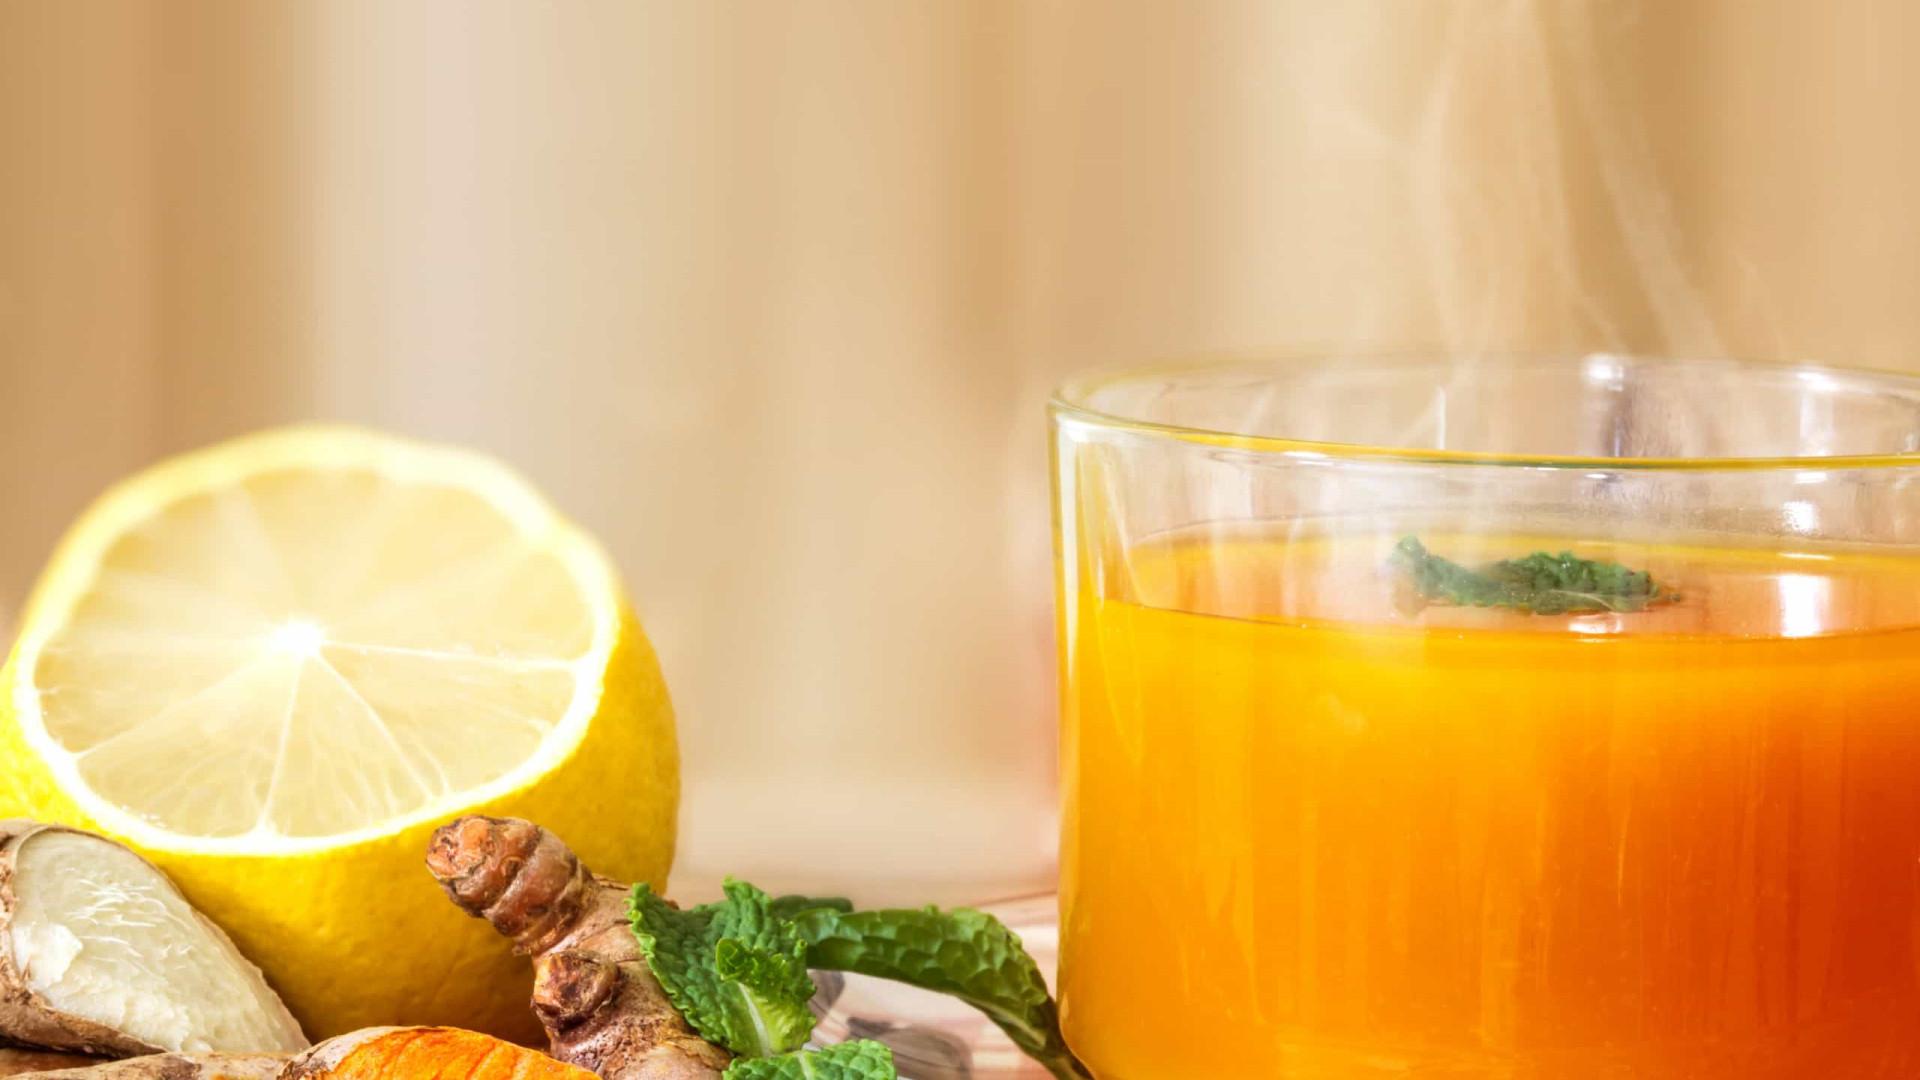 Chá de curcuma, limão e gengibre para fortalecer o sistema imunológico